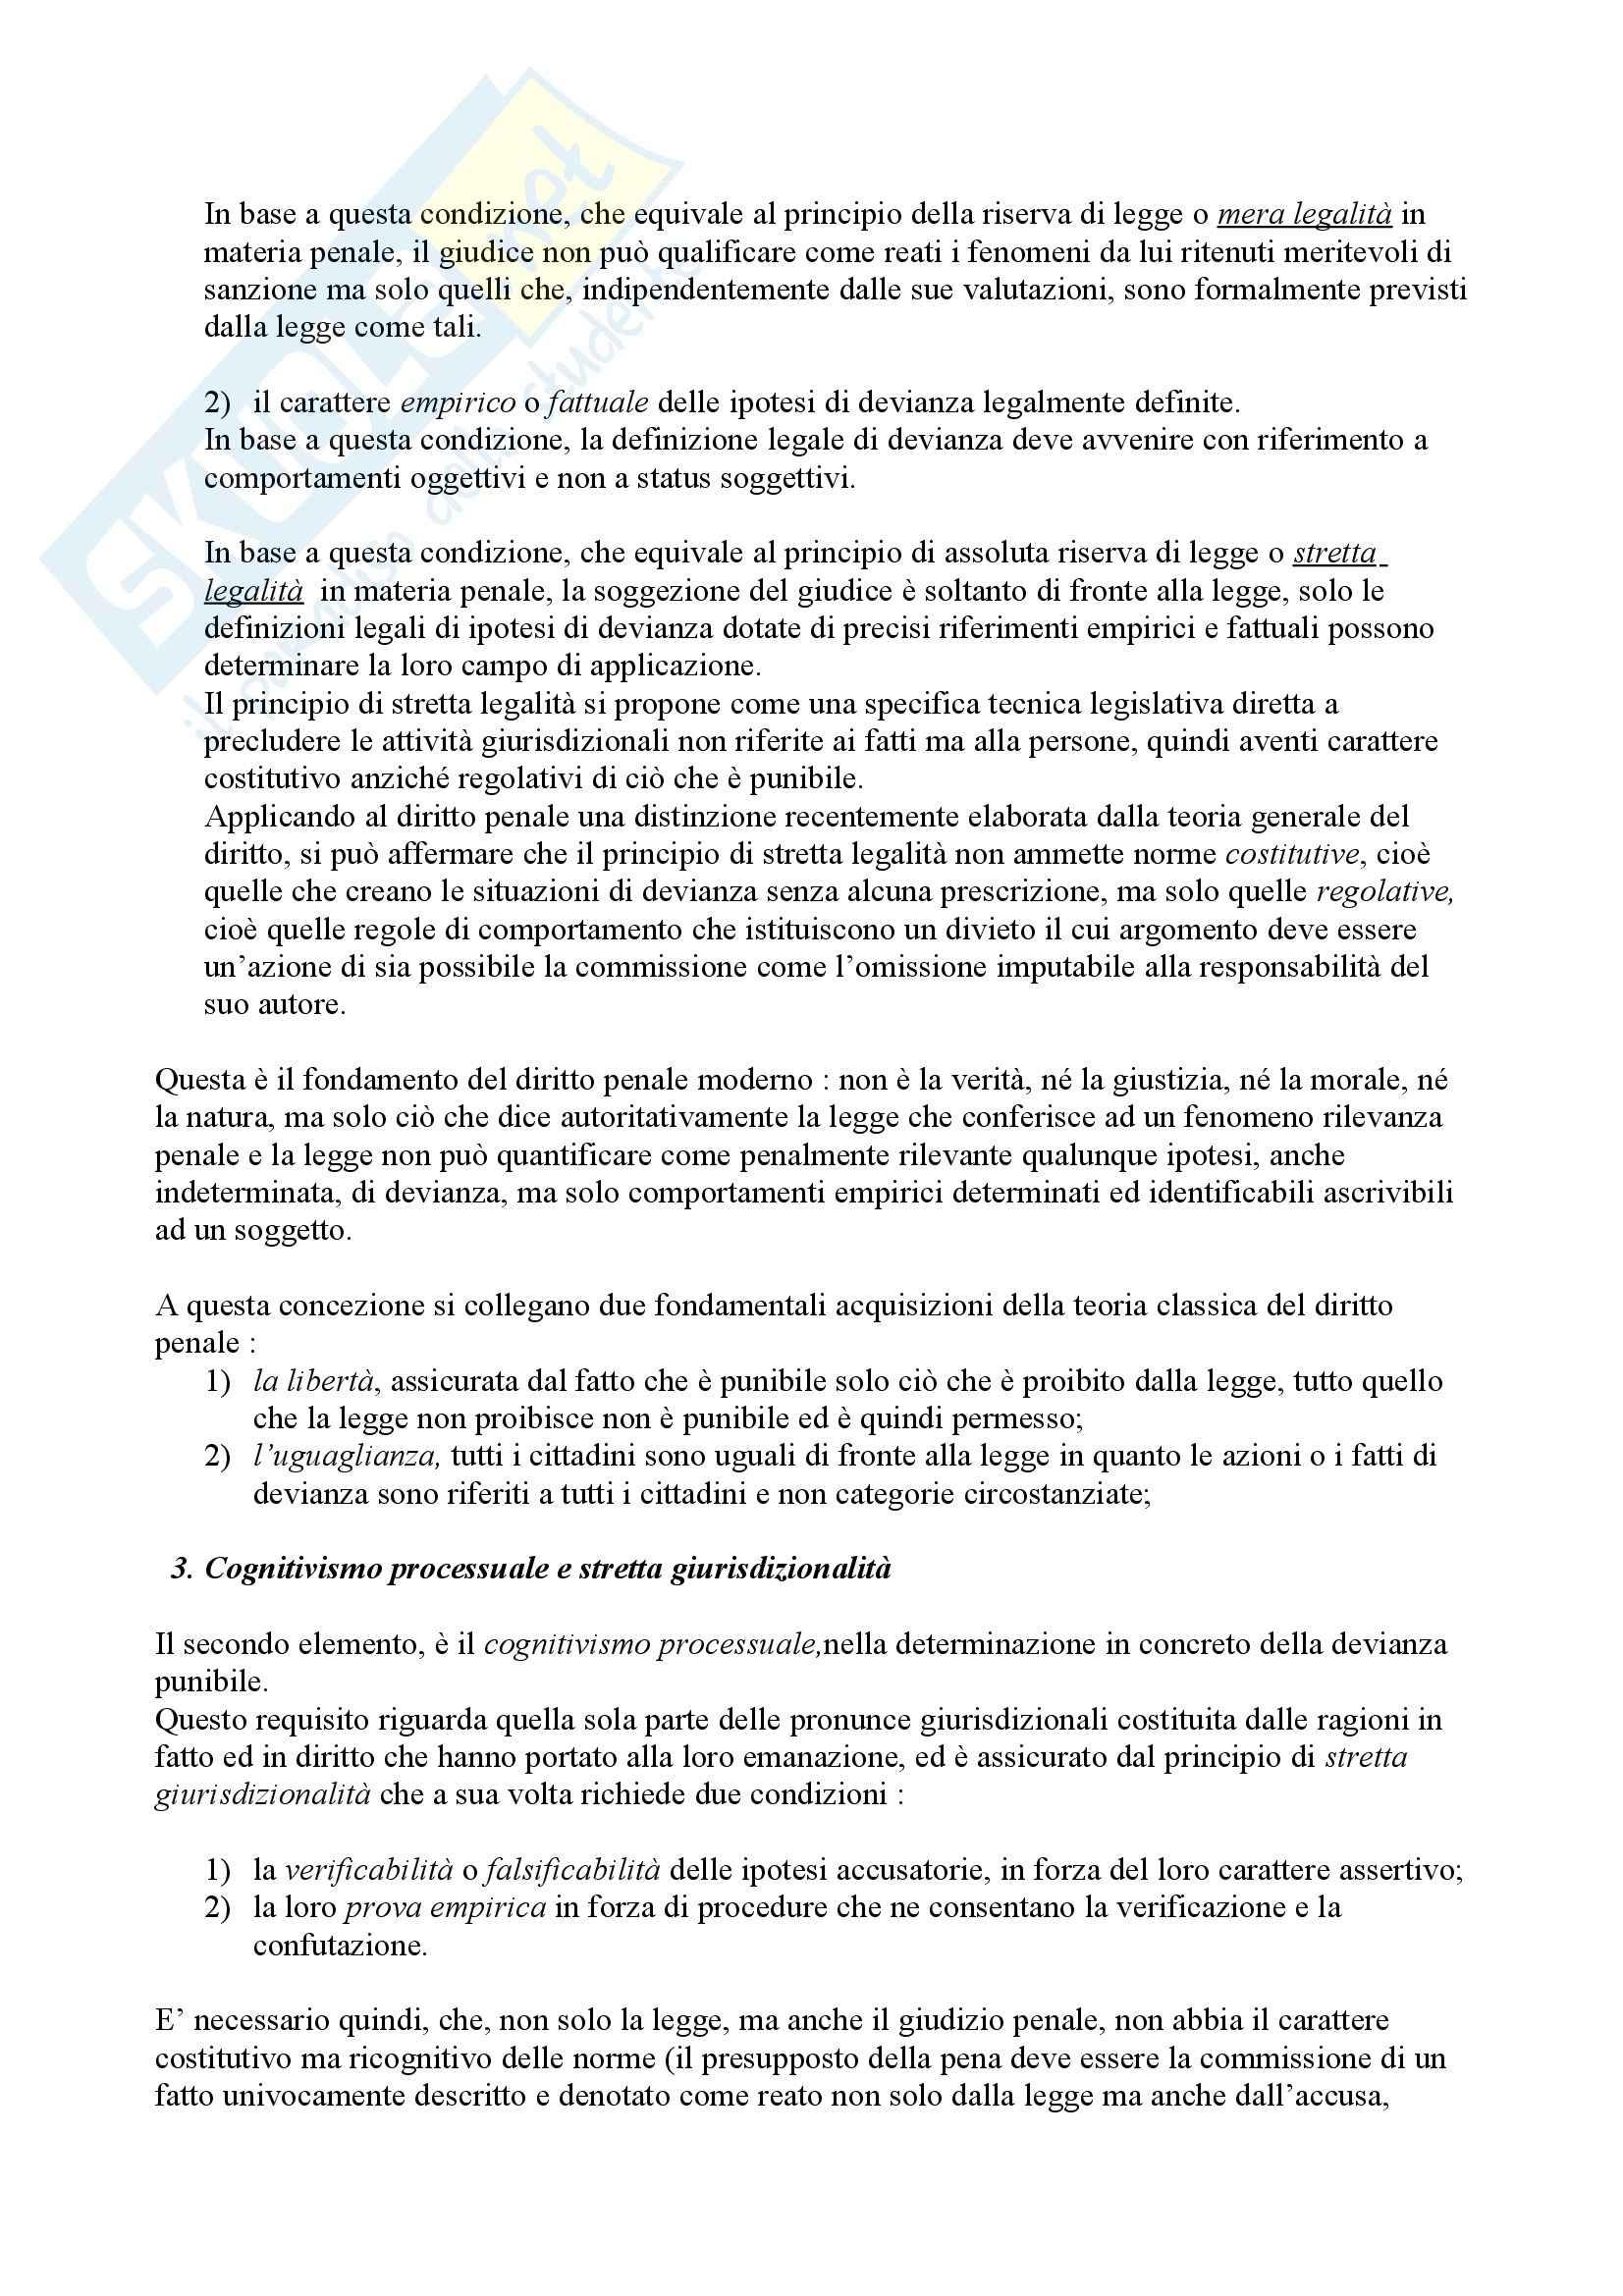 Filosofia del diritto - diritto e ragione Pag. 2